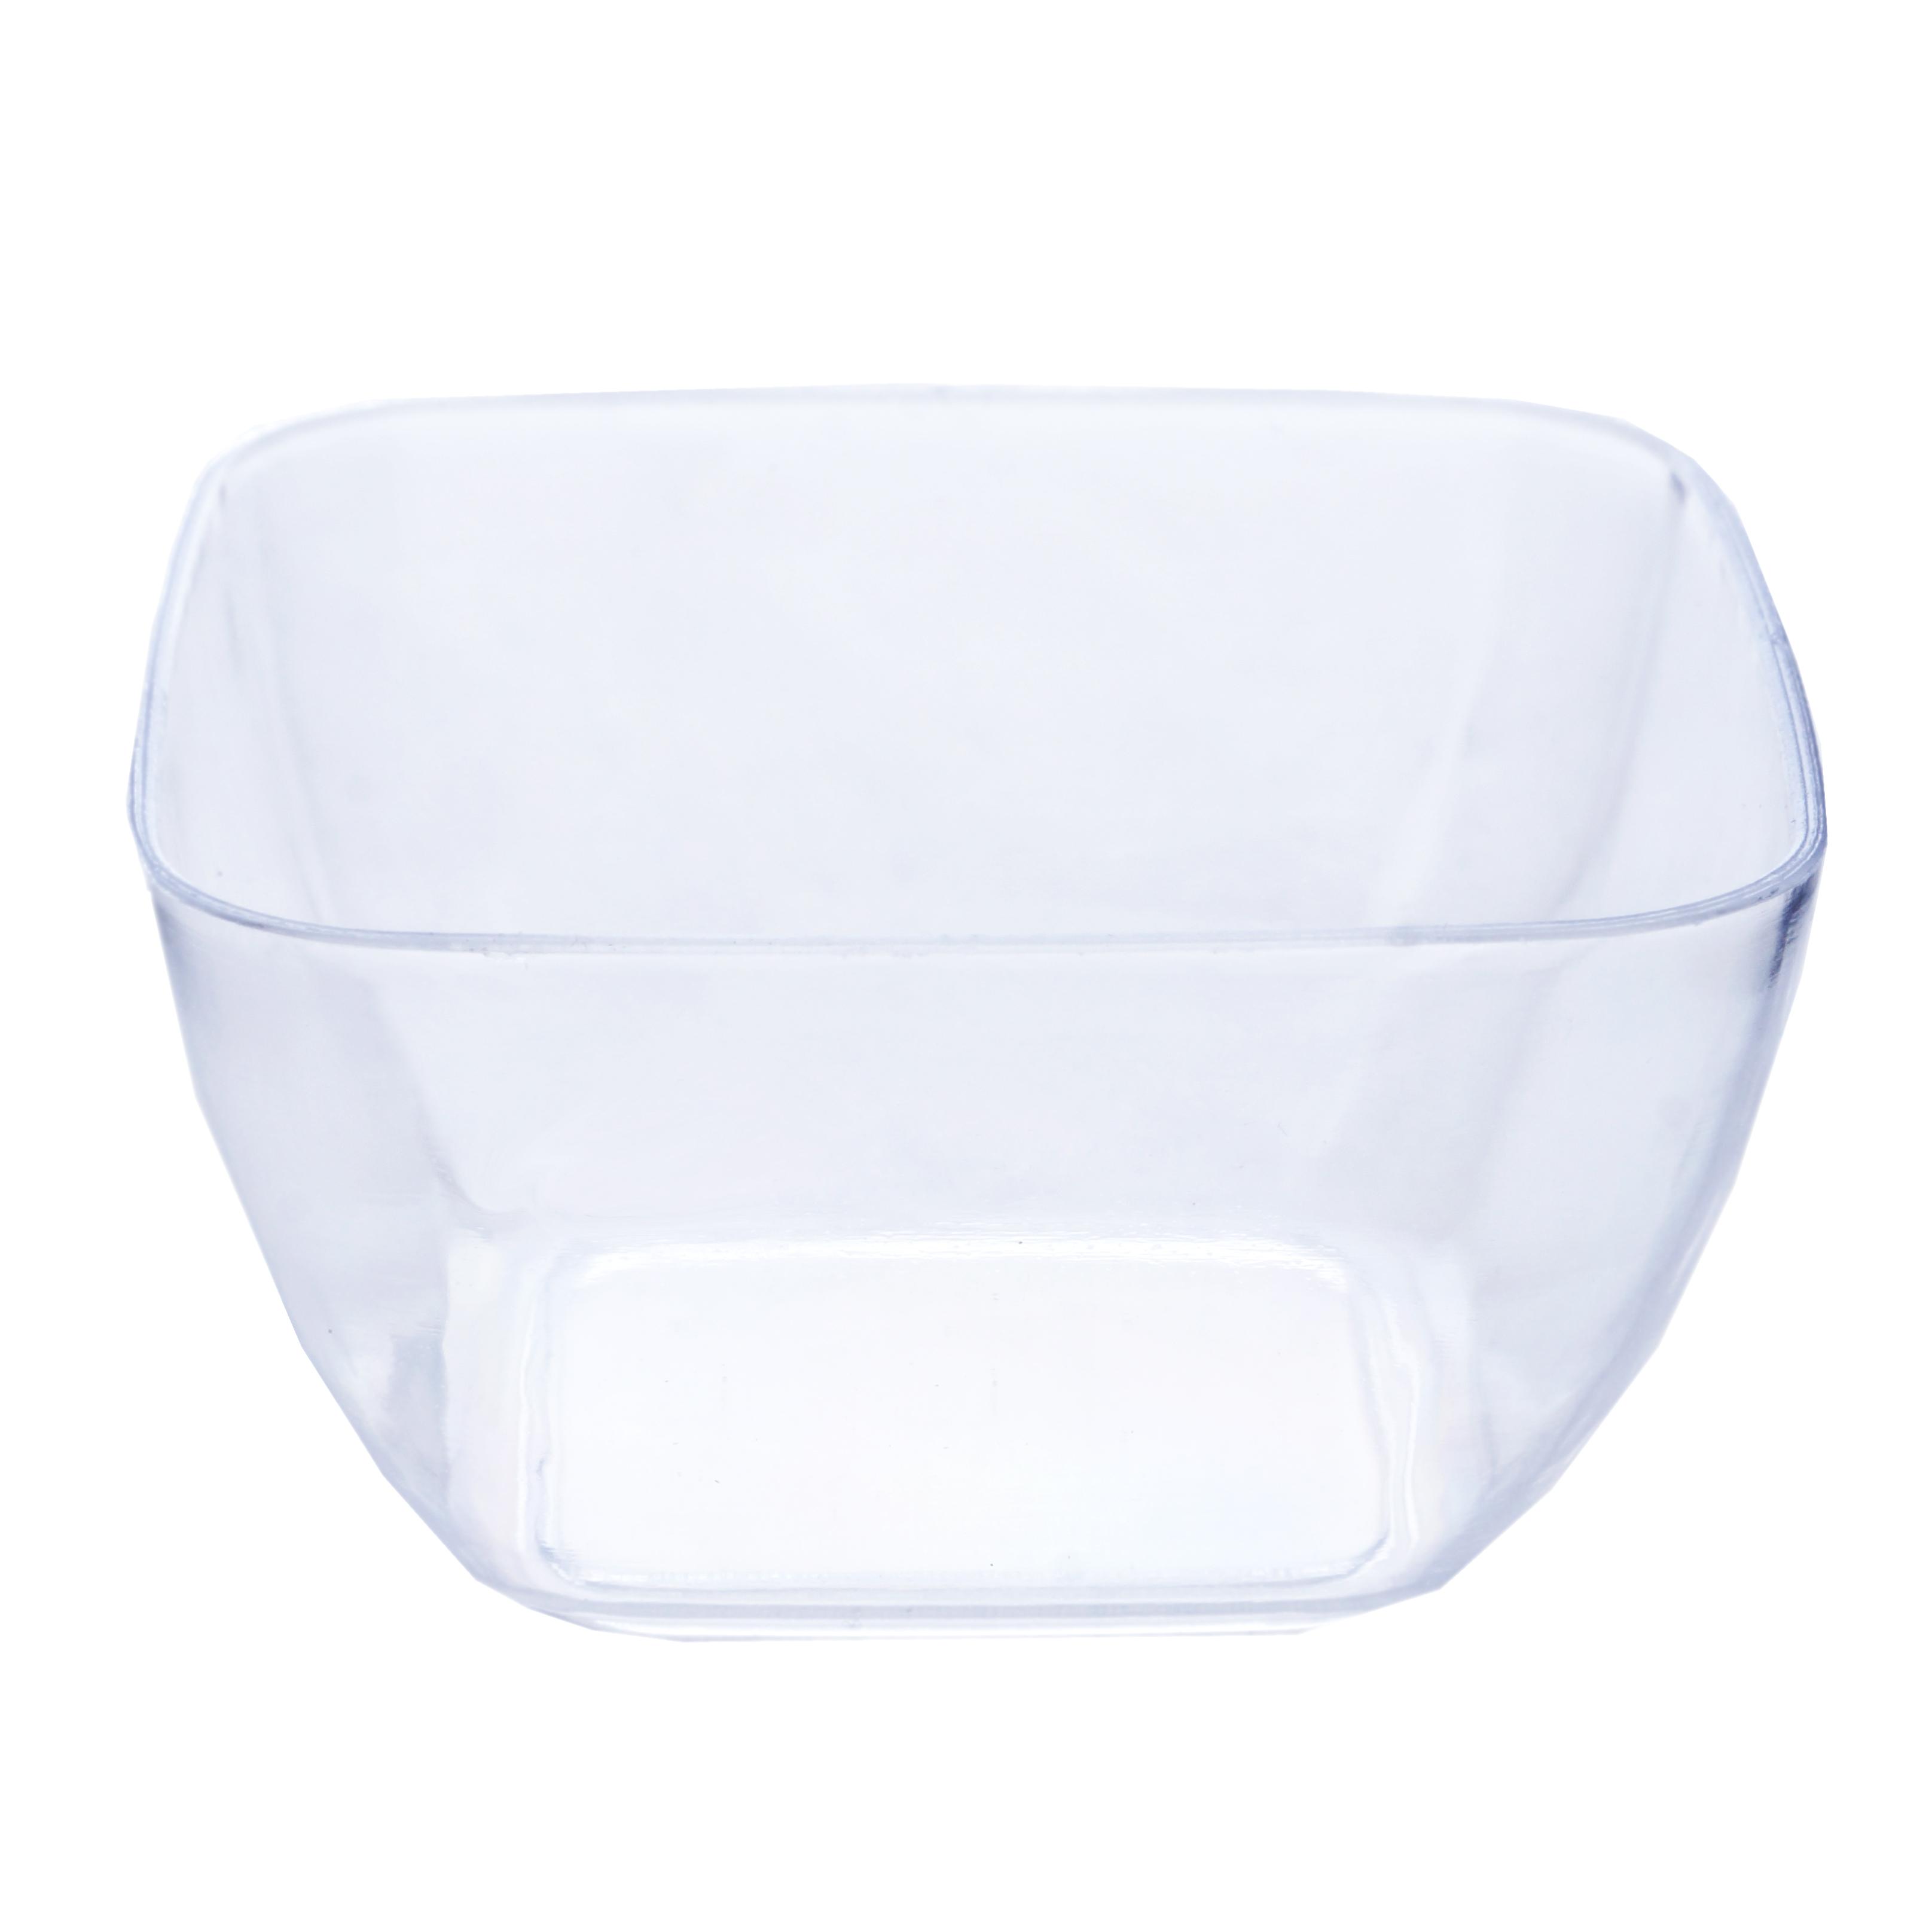 90 Pcs 2oz Mini Disposable Plastic Dessert Bowls For Wedding Party Decoration